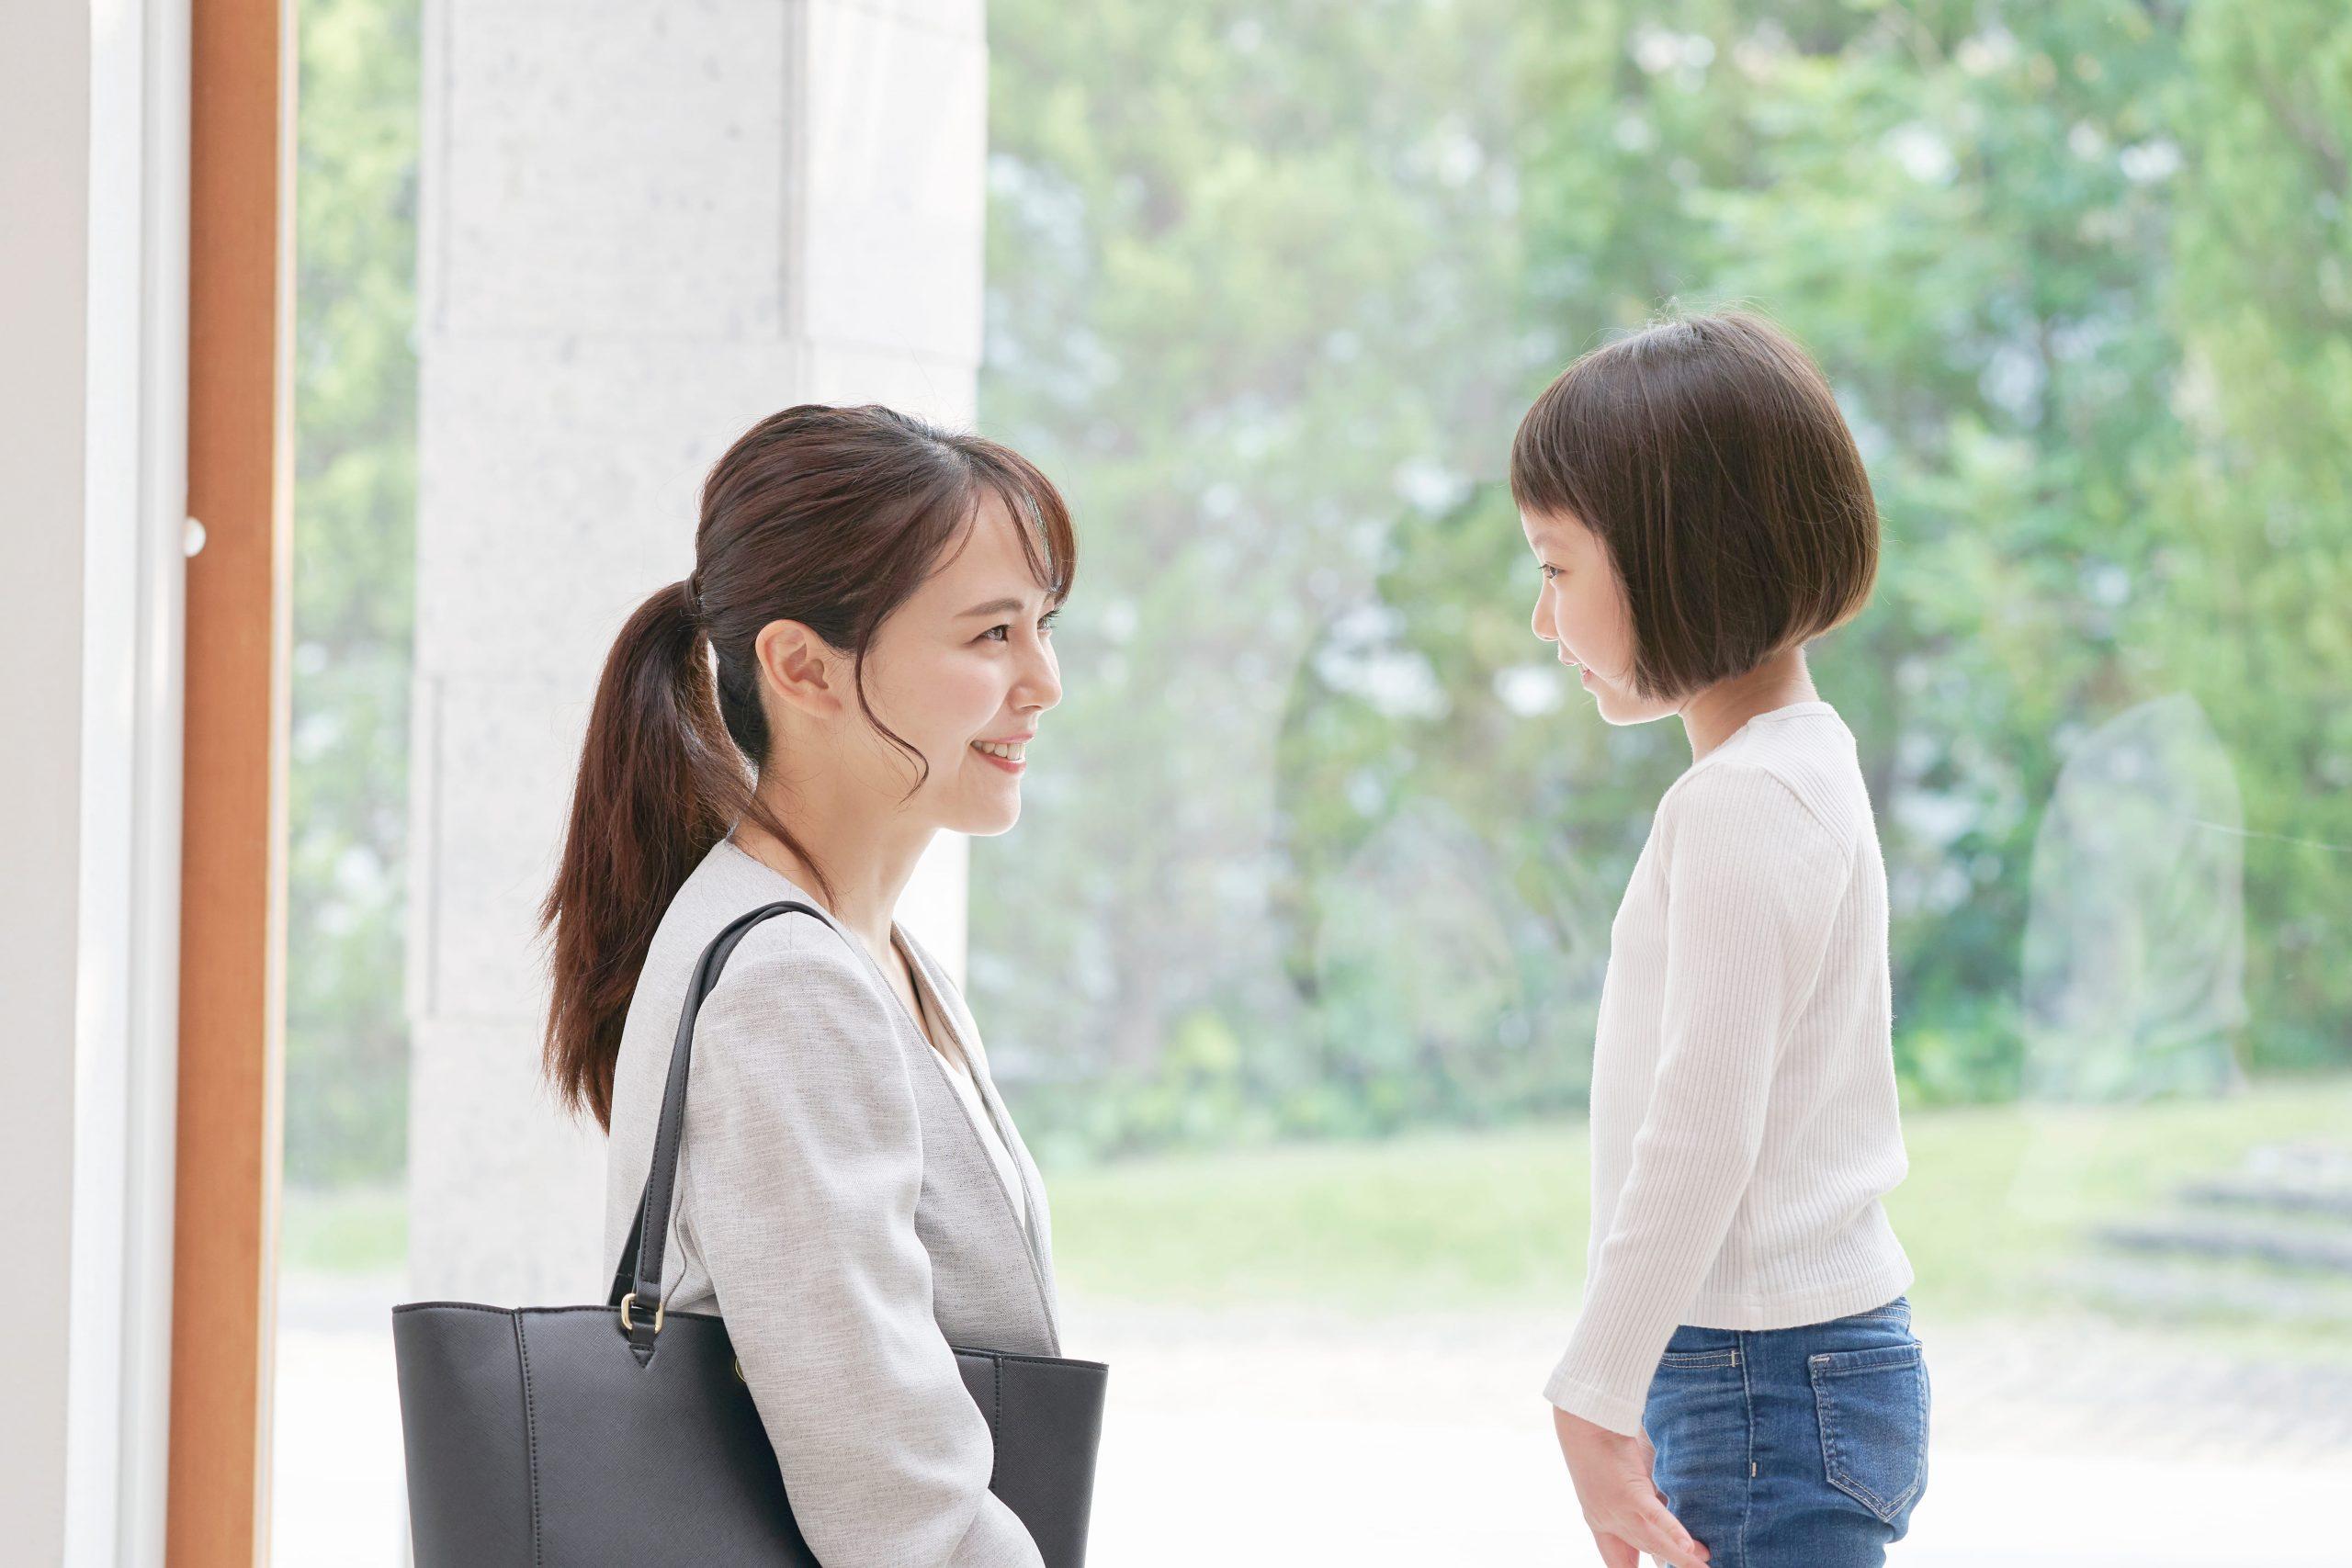 小さいお子さま(3歳未満)の育児中は短時間勤務制度を活用しよう!